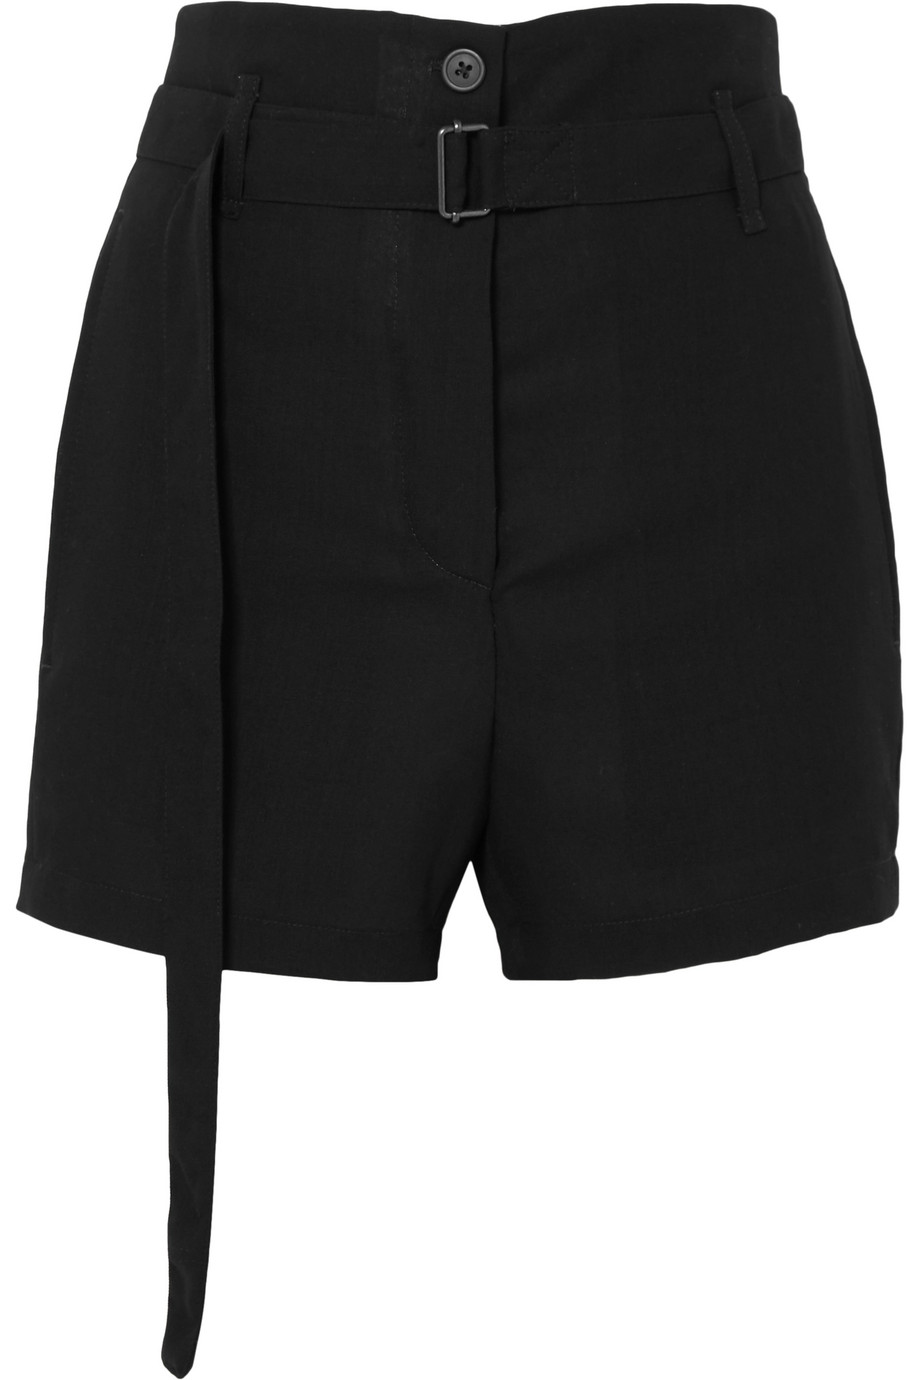 Ann Demeulemeester | Belted wool shorts | NET-A-PORTER.COM